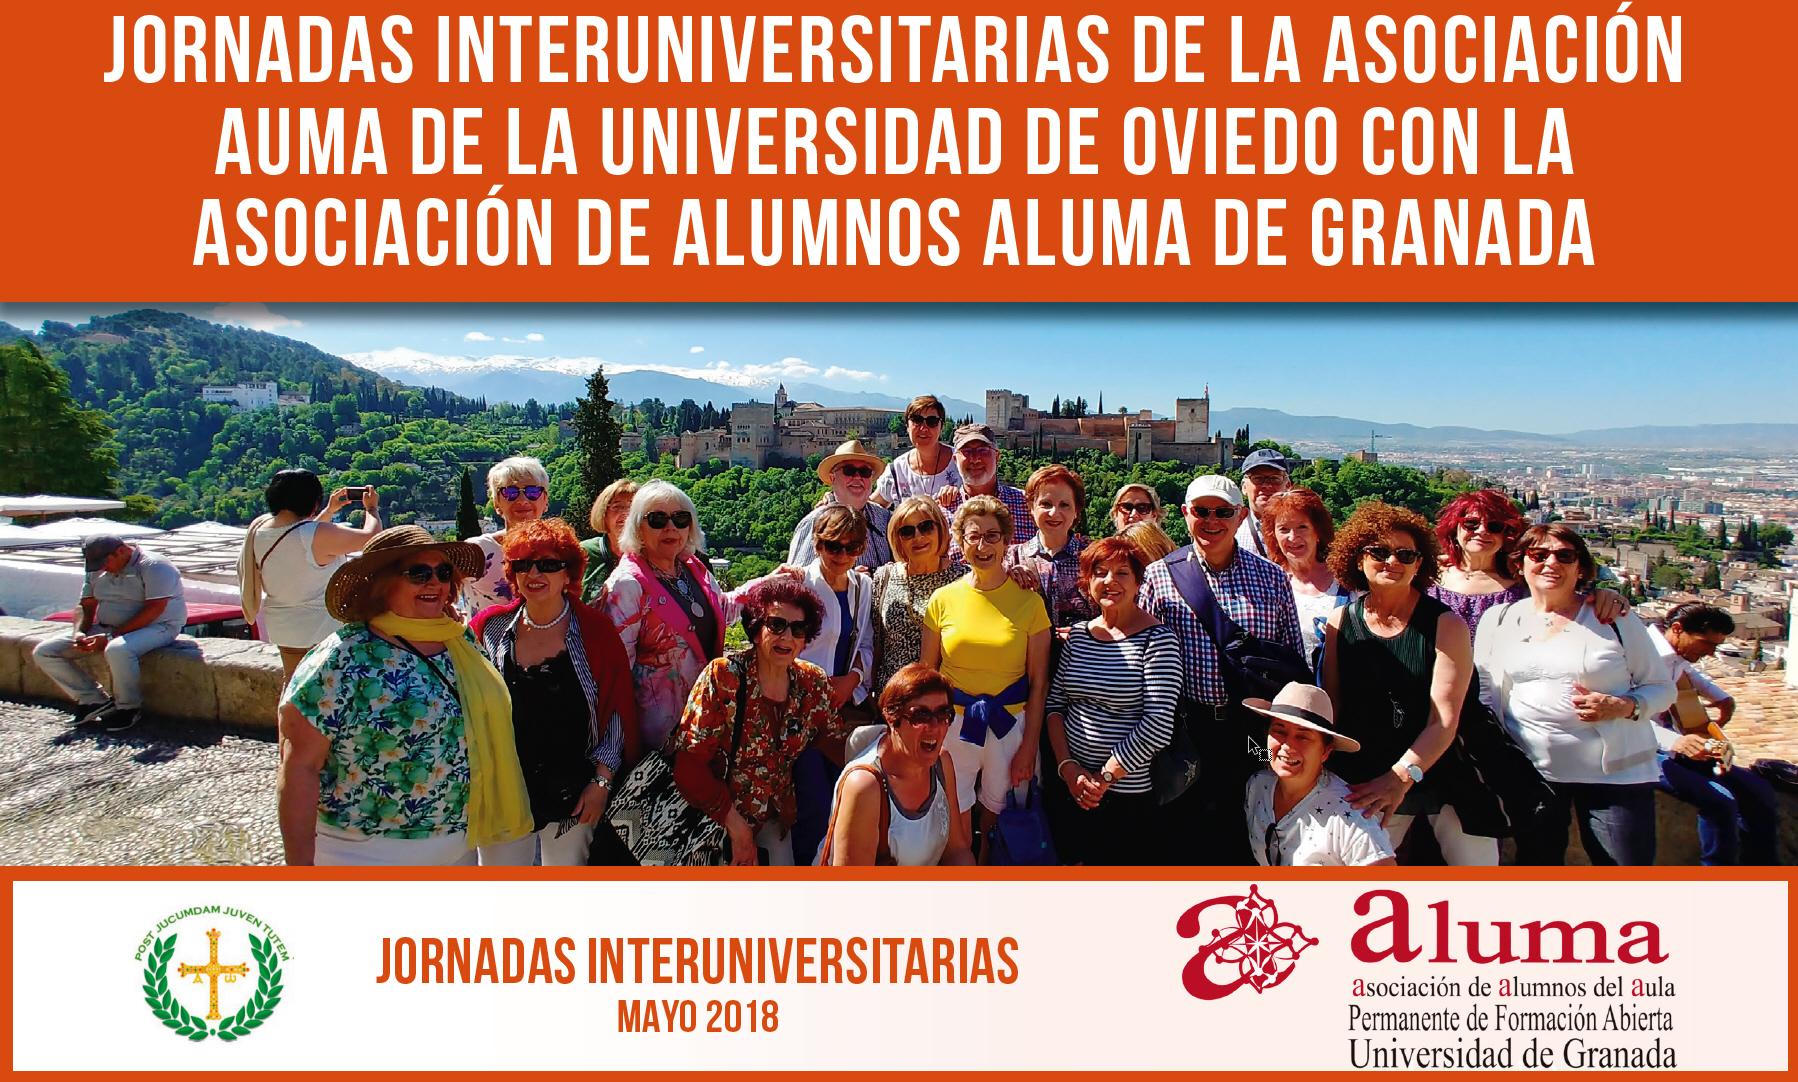 Jornadas Interuniversitarias de la Asociación AUMA de la ...